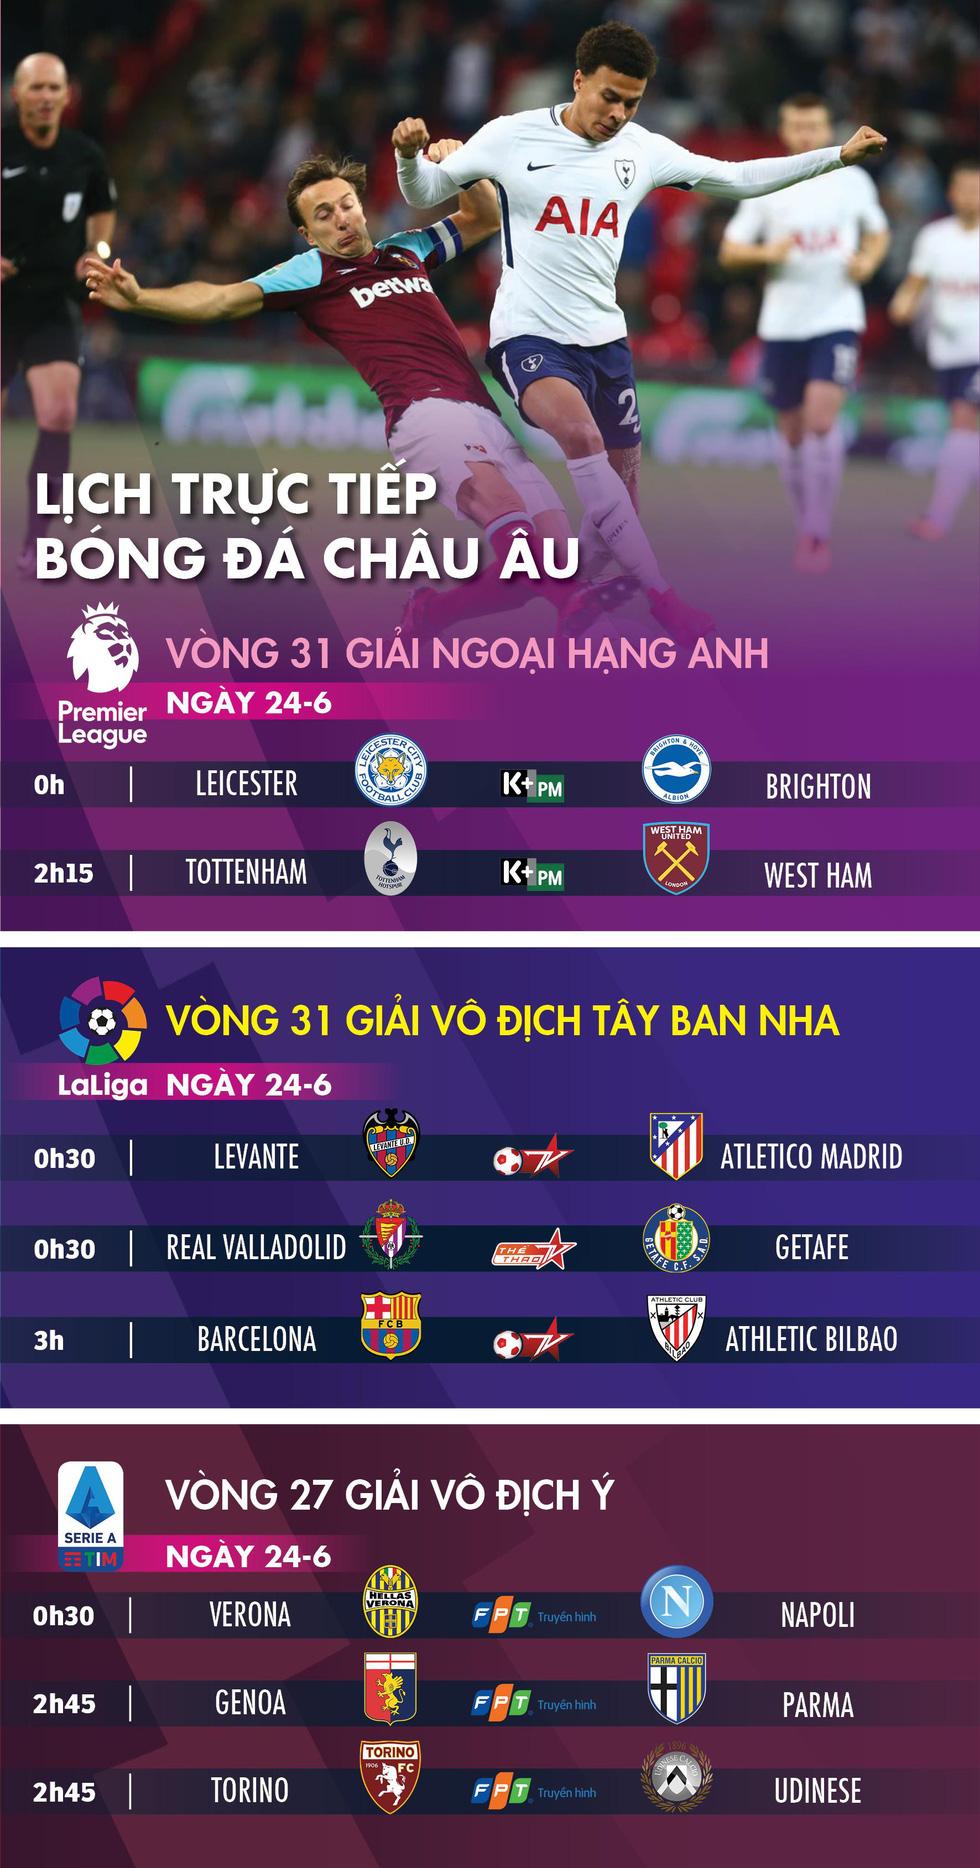 Lịch trực tiếp bóng đá châu Âu ngày 24-6: Tottenham, Barca xuất trận - Ảnh 1.